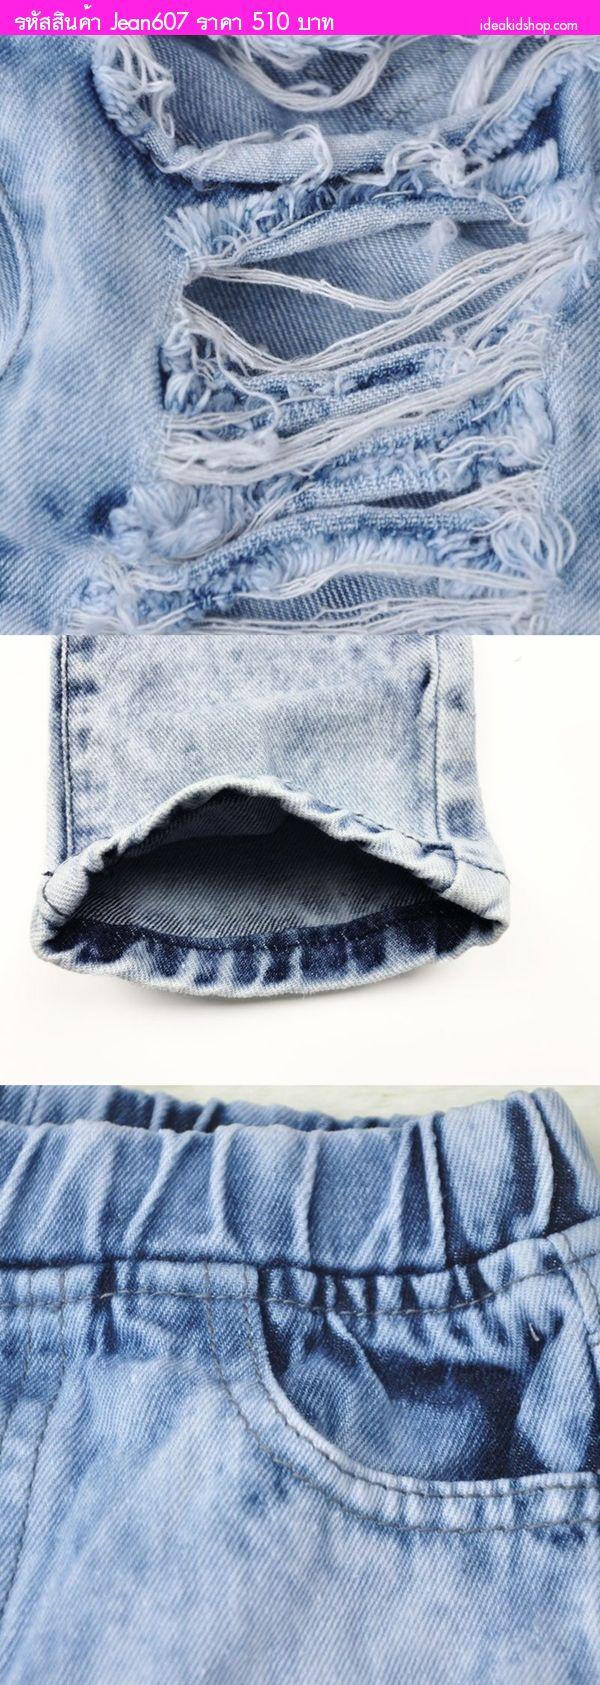 กางเกงยีนส์แฟชั่นขาดเข่า Super Rock สียีนส์ฟอก